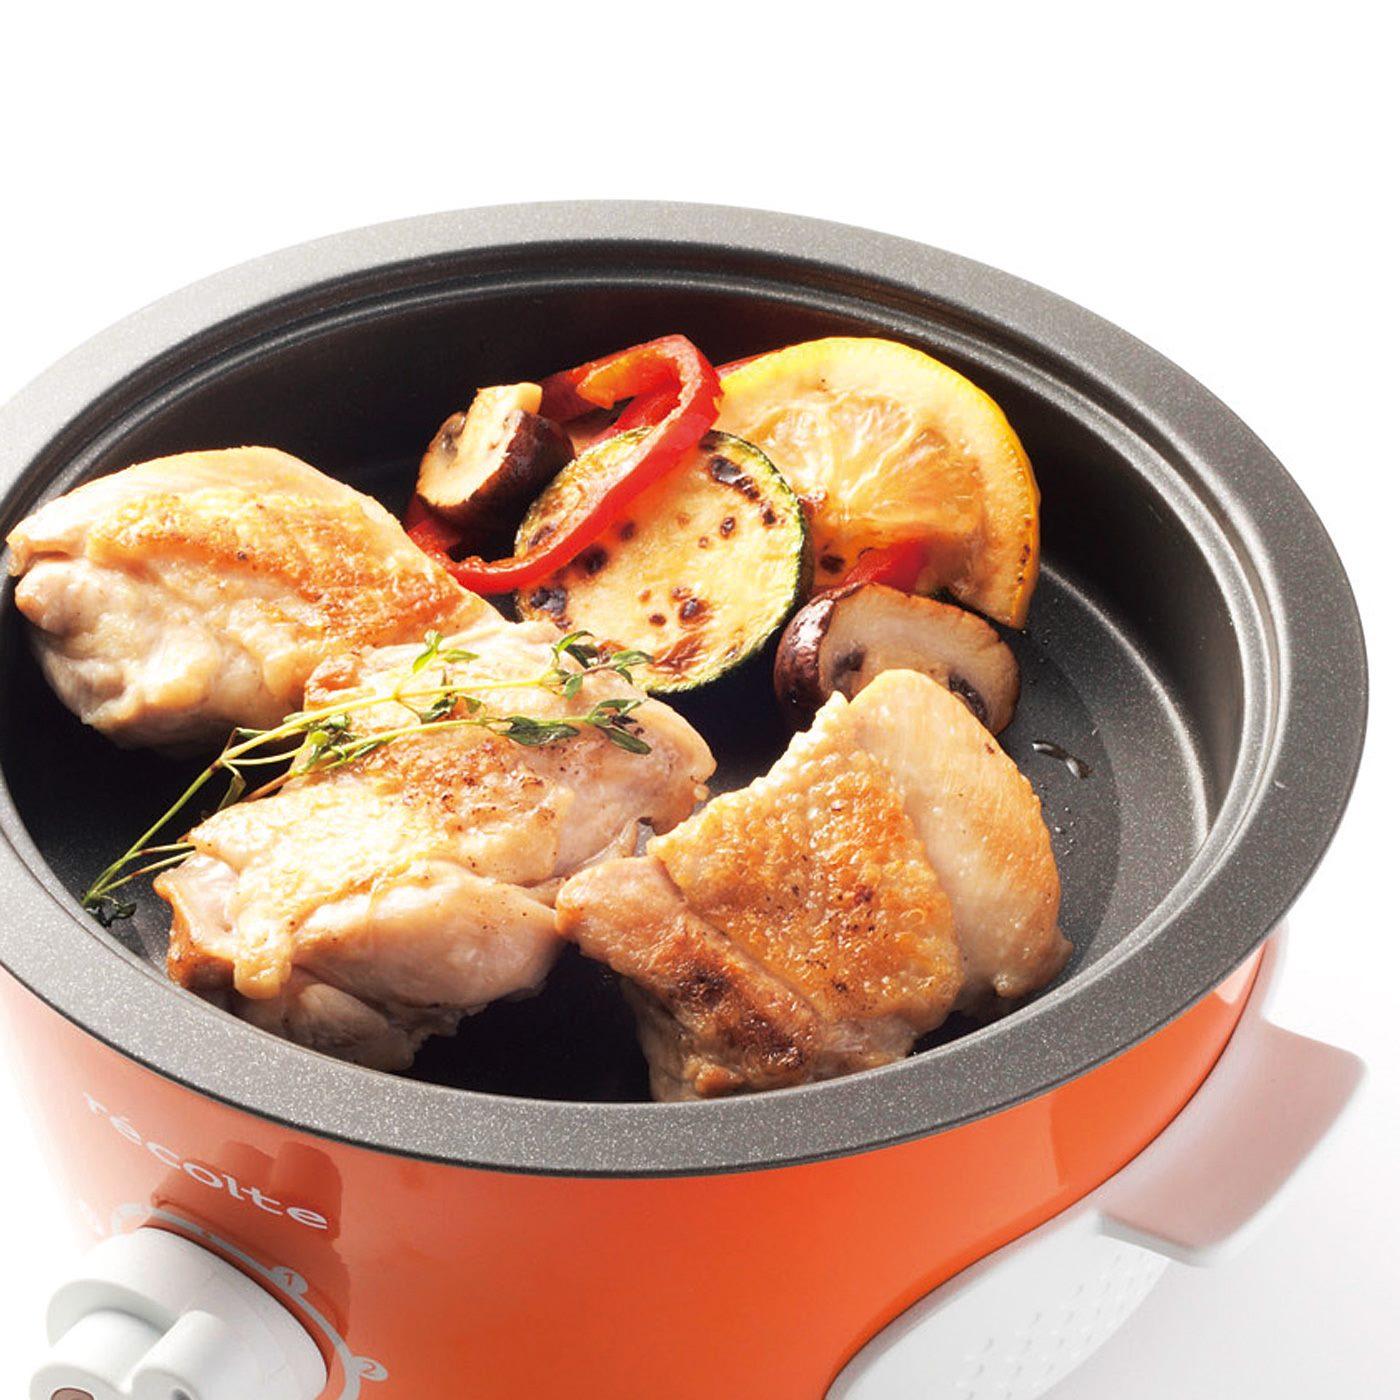 肉や野菜を焼くときはグリルプレートをセット。 ※お届けするカラーとは異なります。